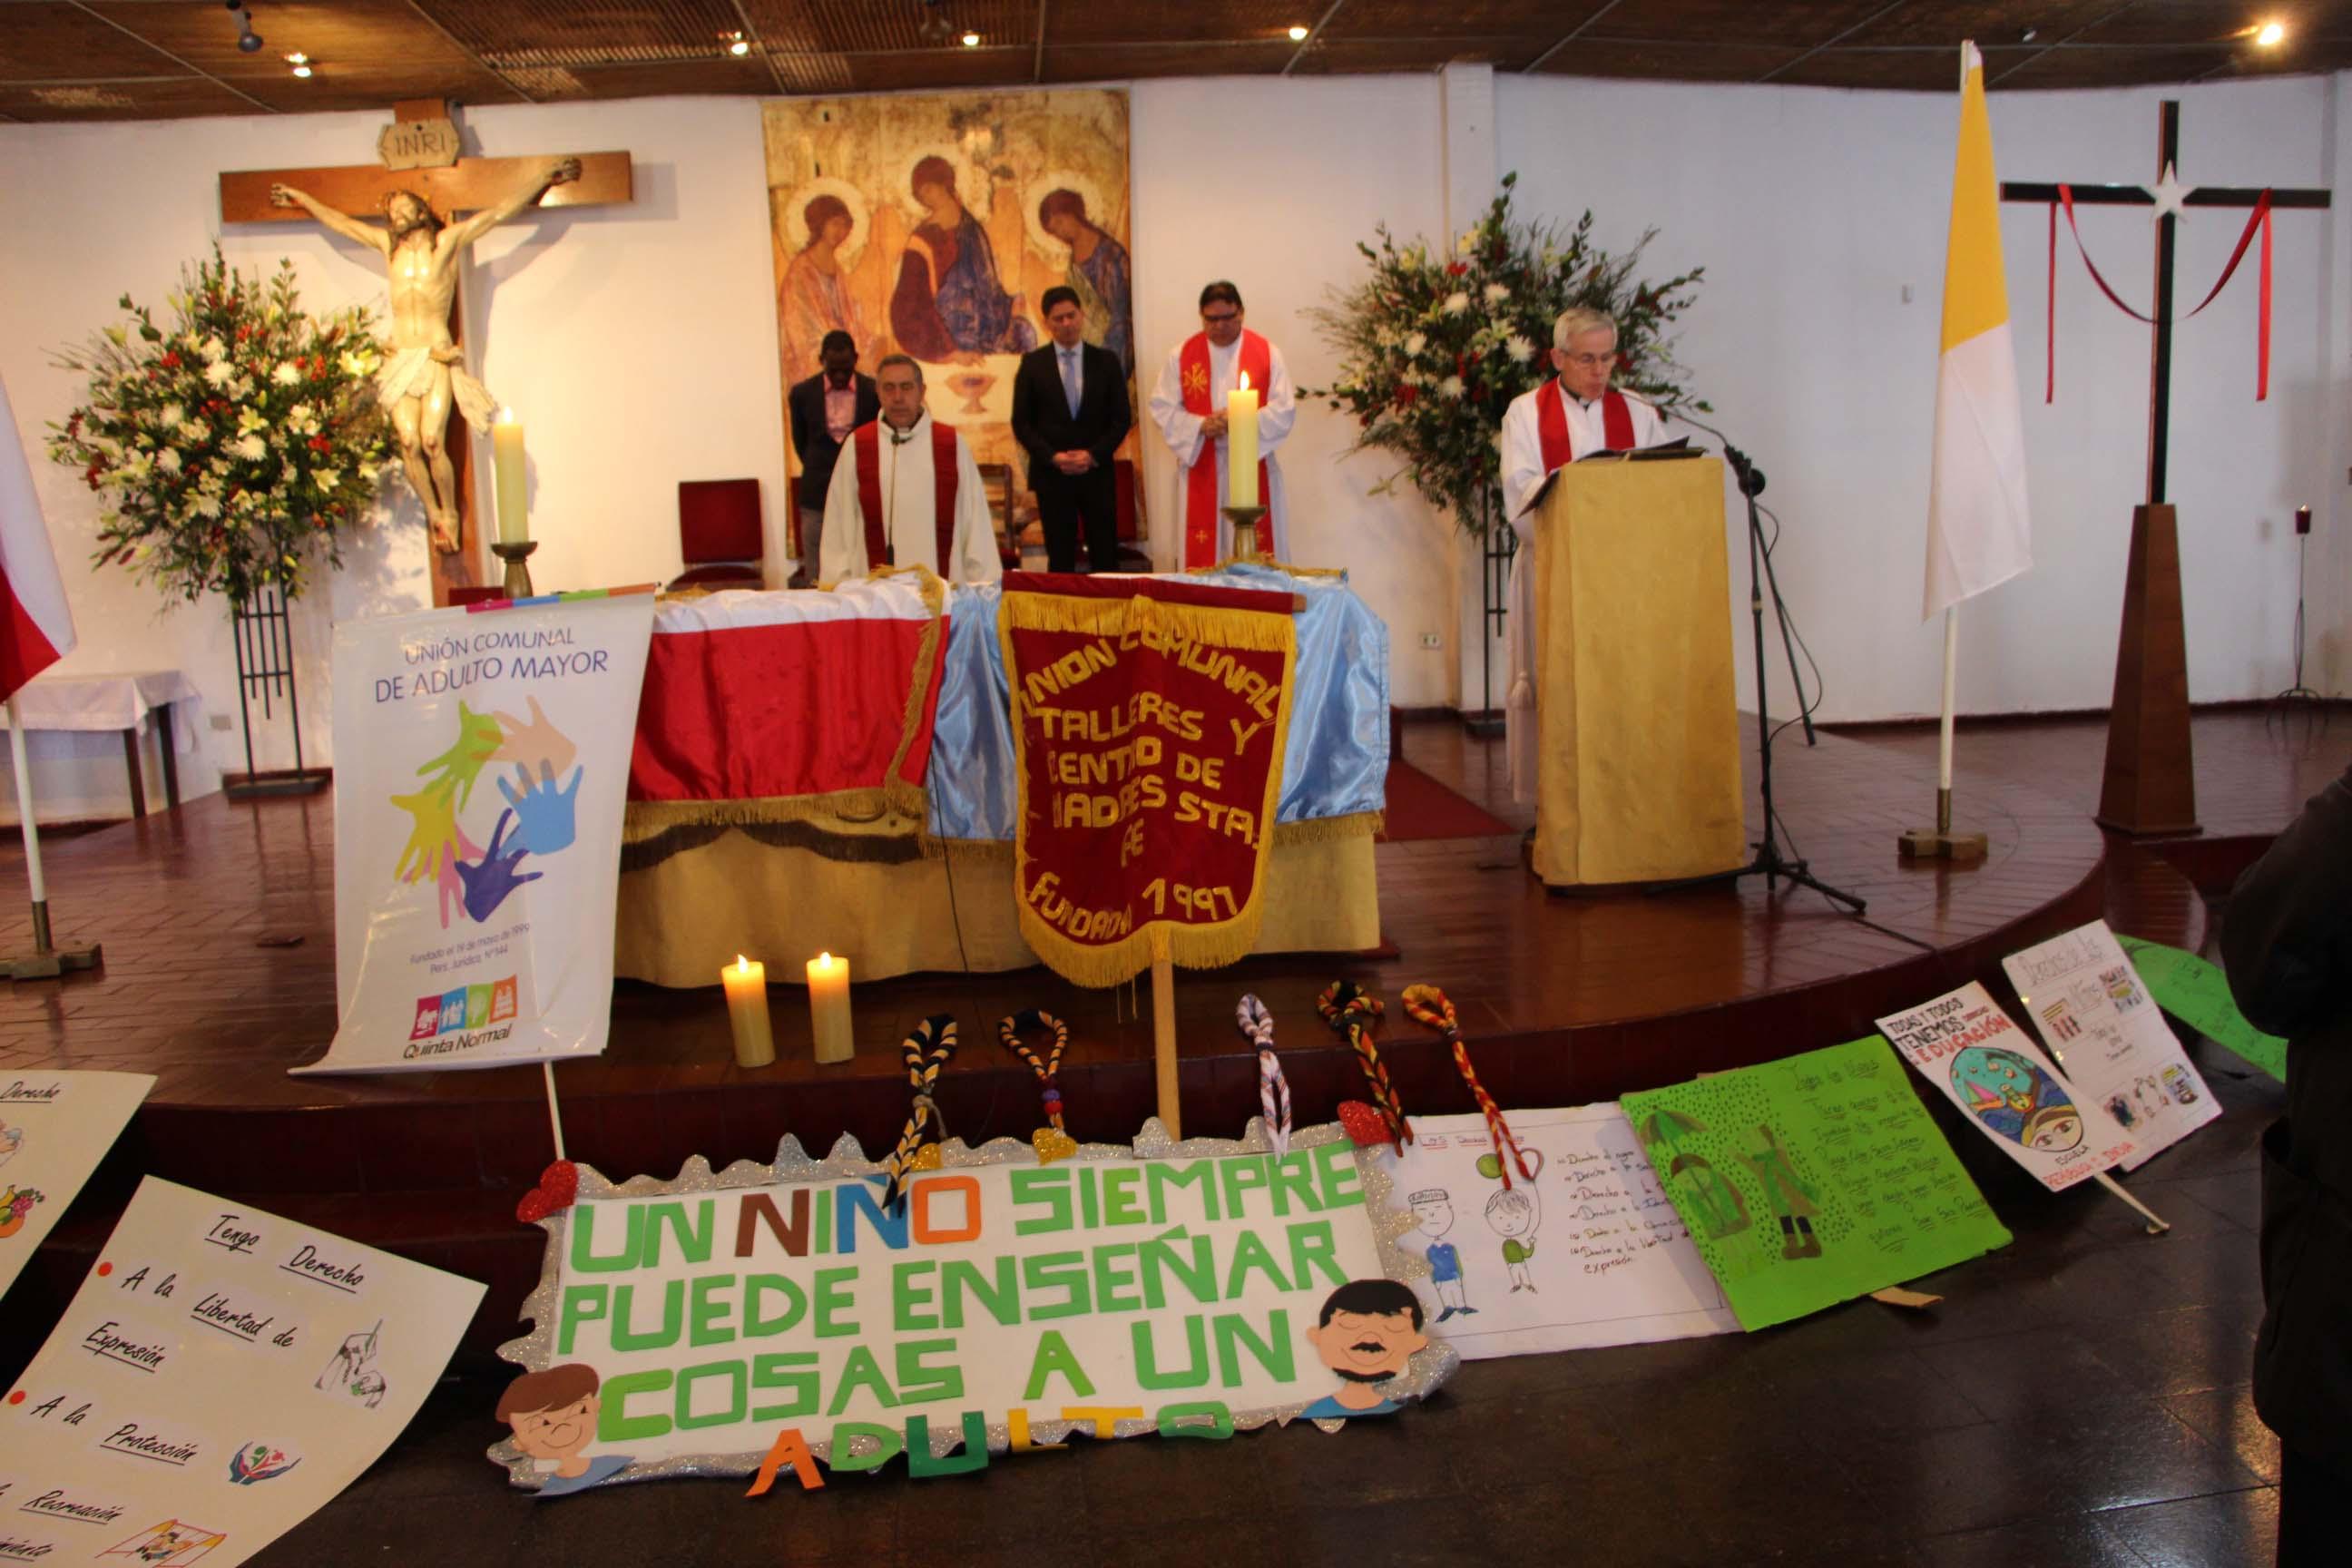 Quinta Normal se reunió para dar gracias en Te Deum ecuménico